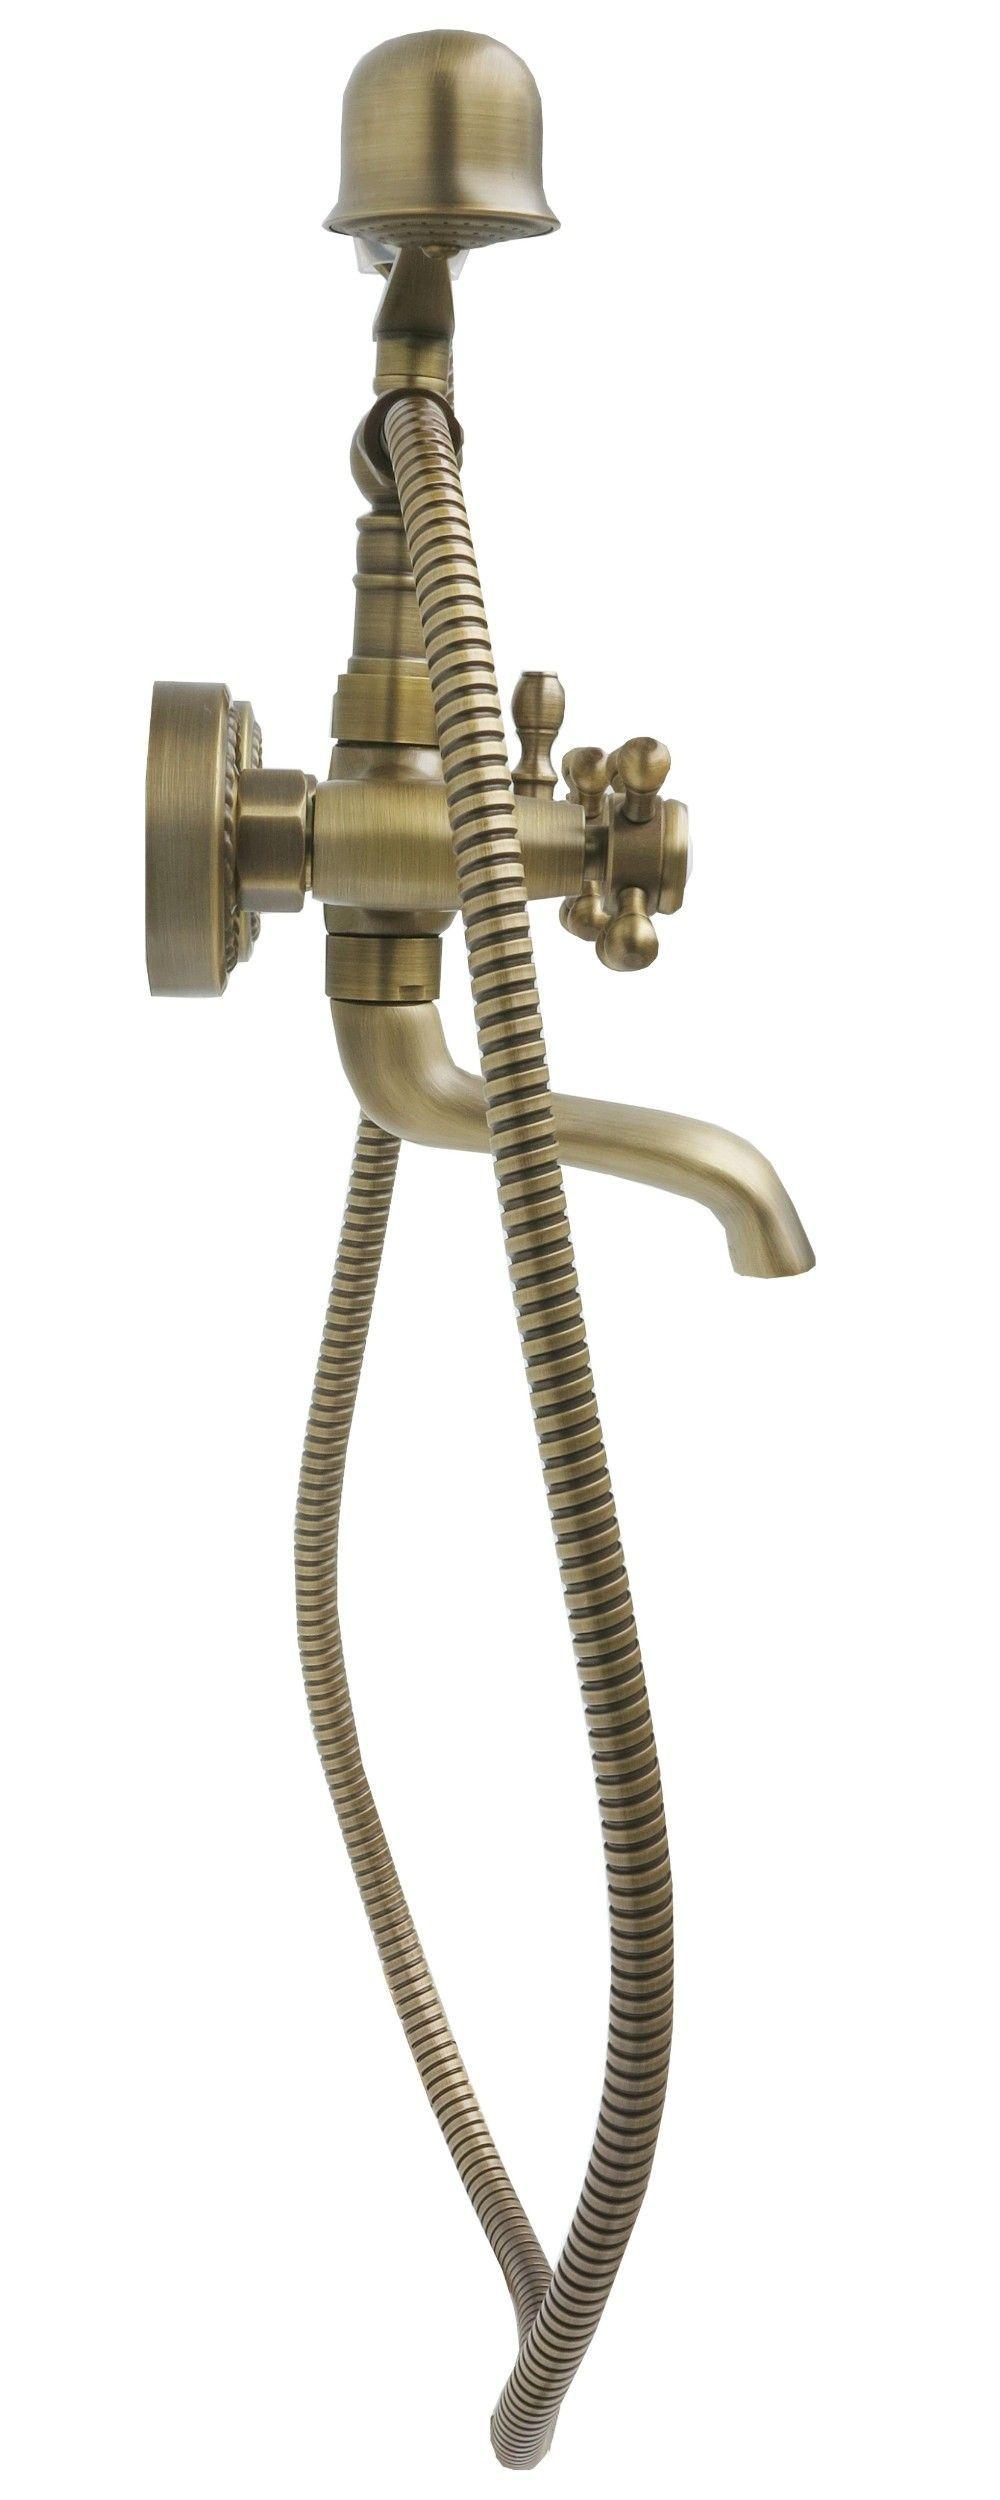 retro badewannen wannen armatur mischbatterie handbrause brauseschlauch in antik ebay. Black Bedroom Furniture Sets. Home Design Ideas